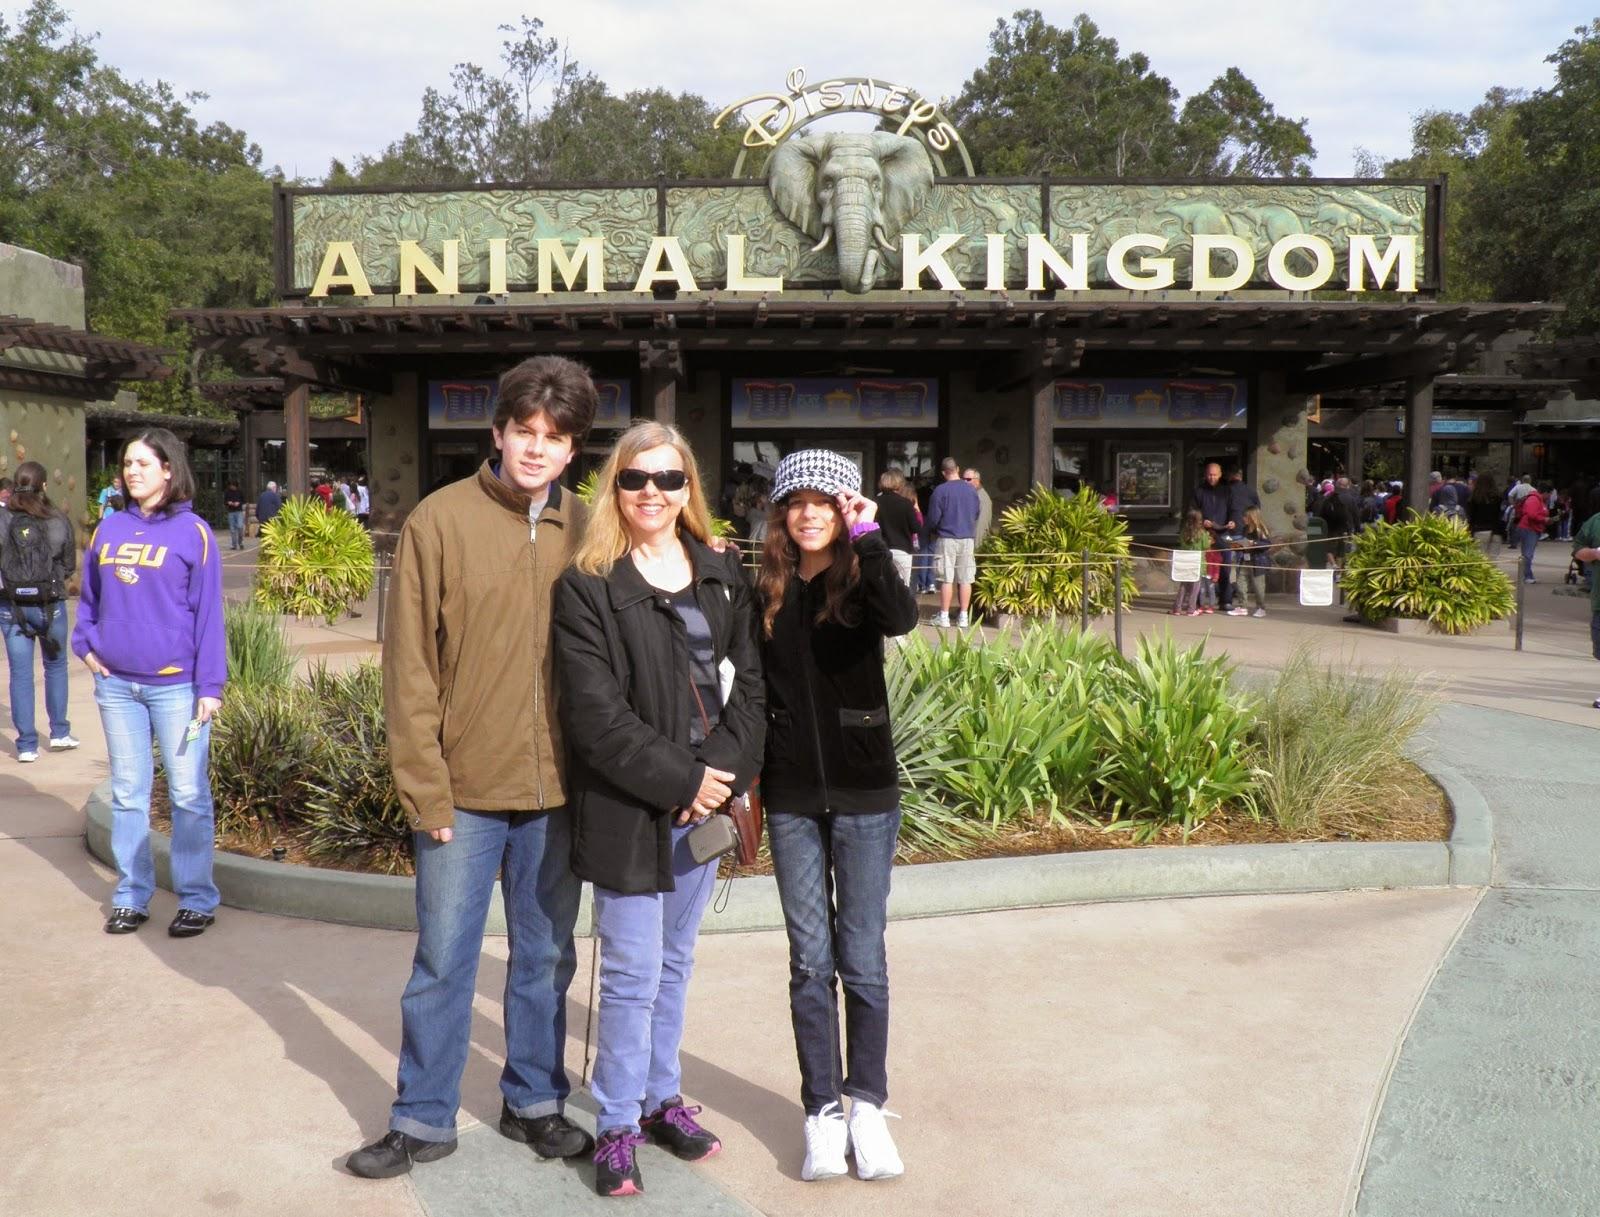 SEM GUIA; América do Norte; turismo; lazer; viagem; USA; Kennedy Space Center; Orlando; Animal Kingdom